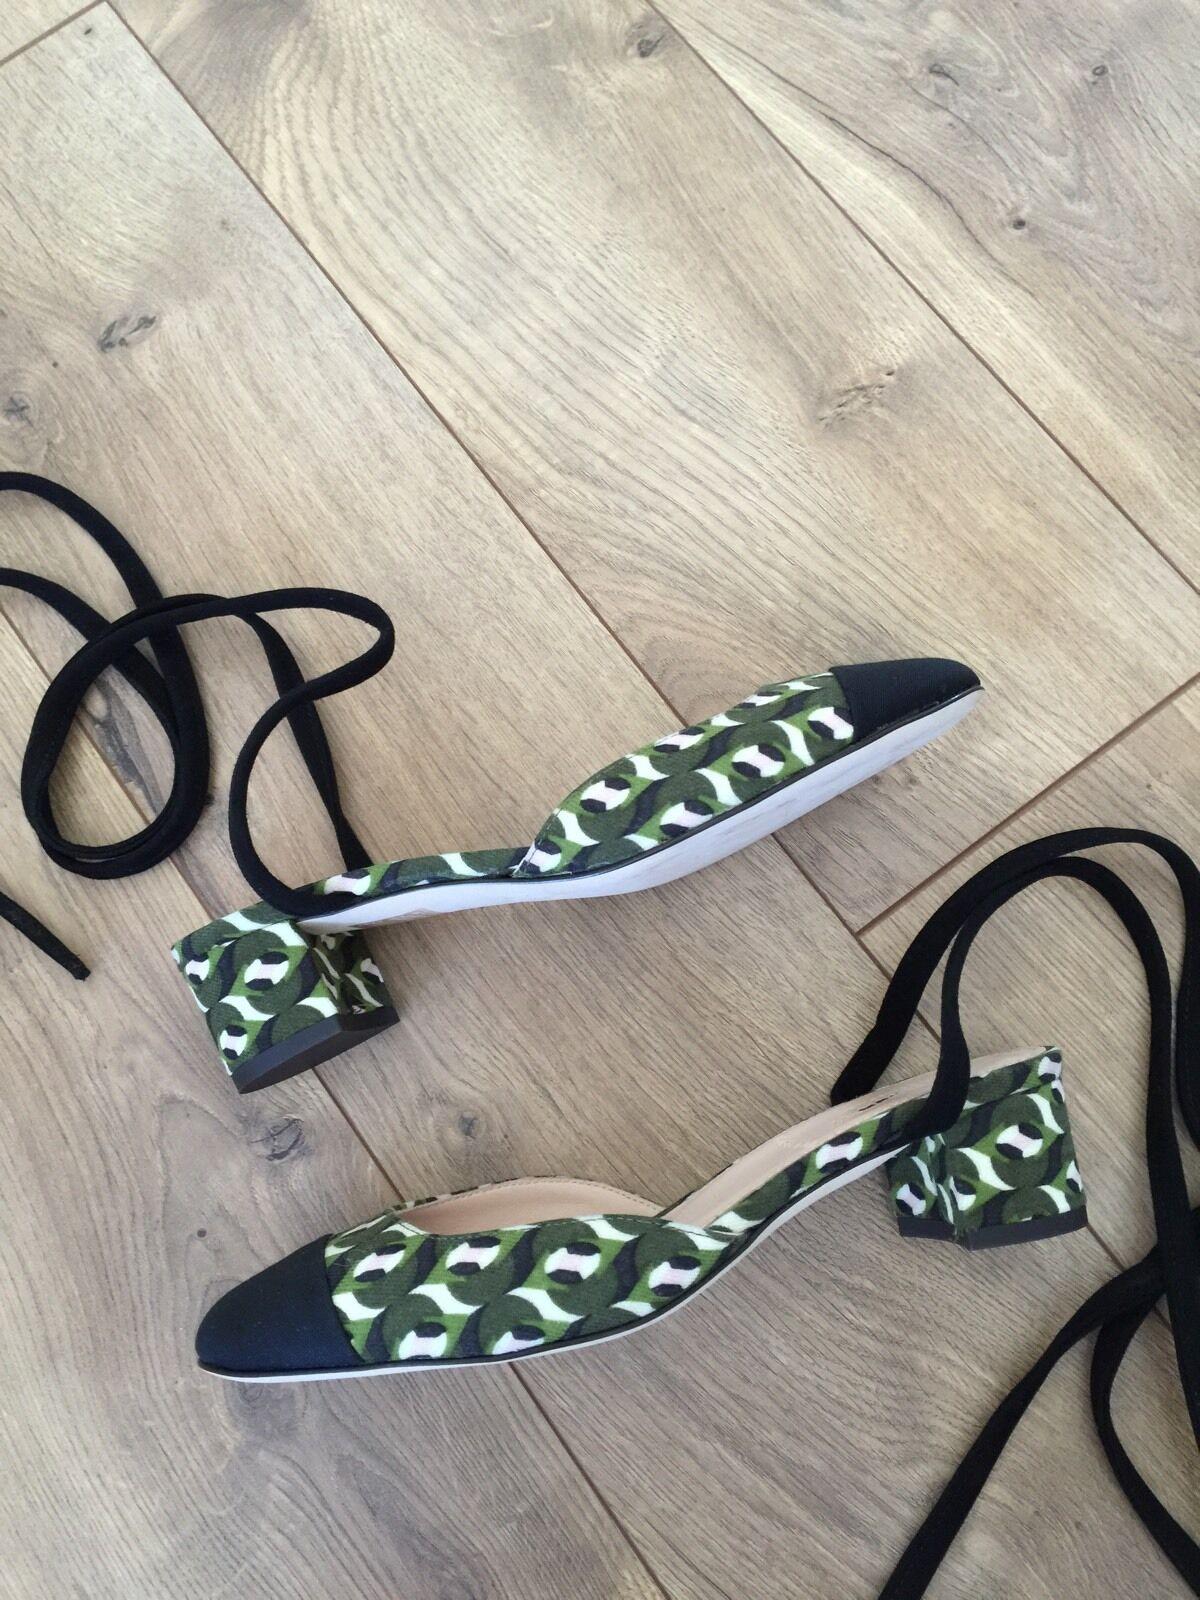 JCrew JCrew JCrew Collection ankle-wrap heels in Ratti geometric tile print F8013  268 6.5 bac050